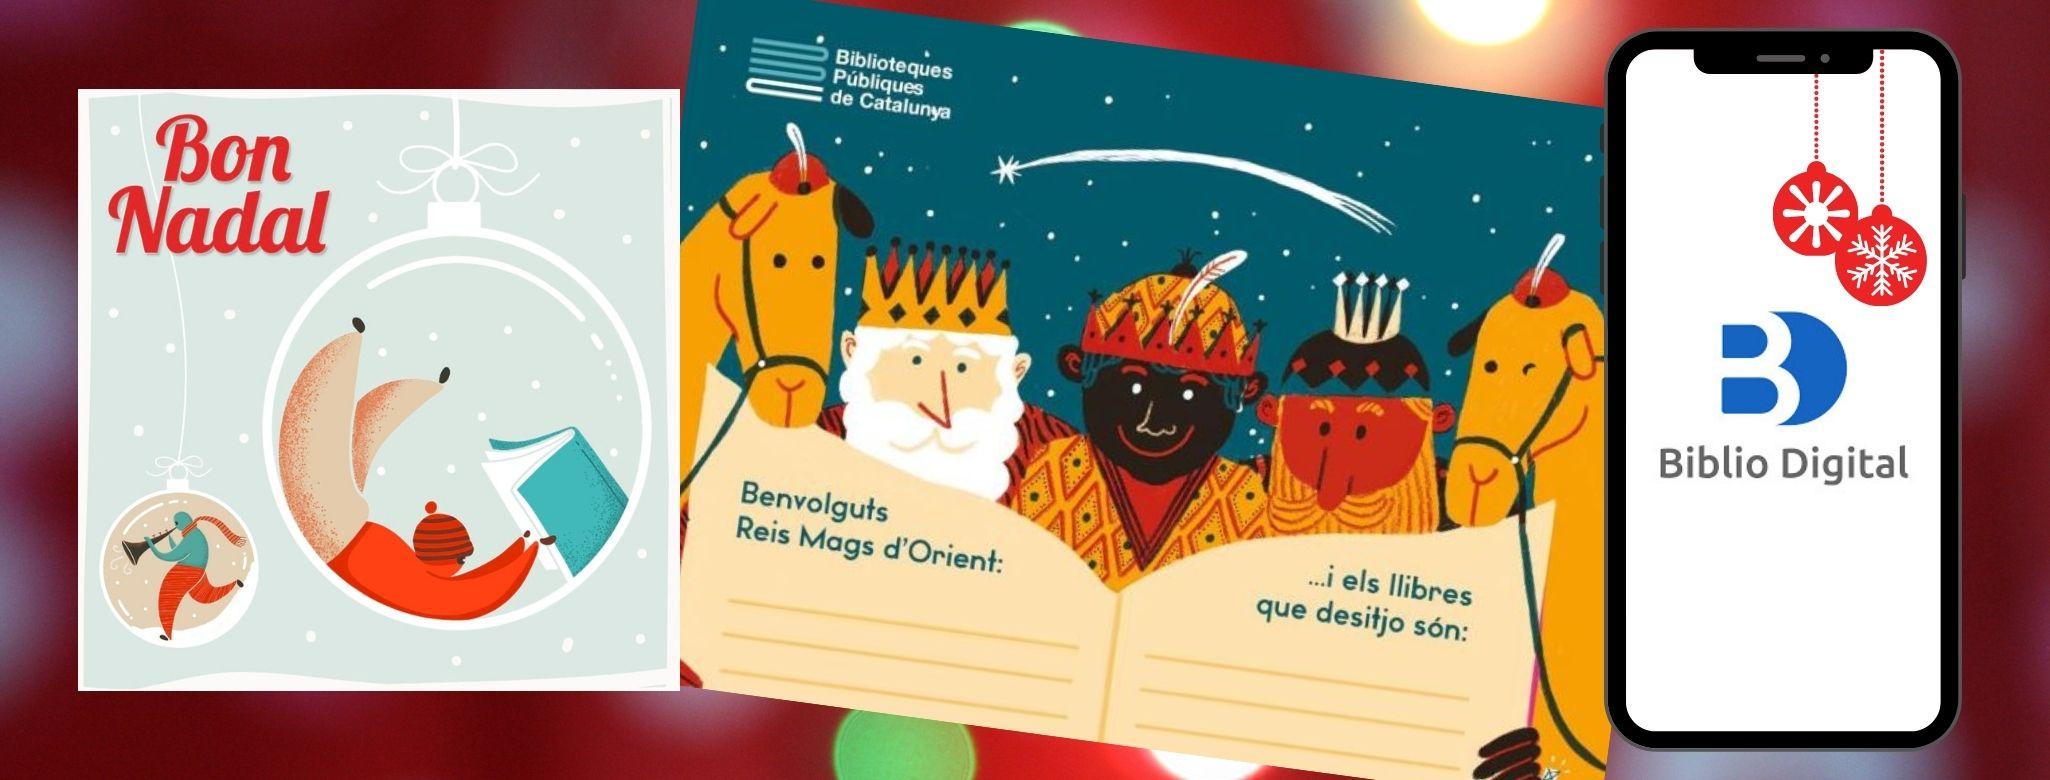 Imatge amb tres imatges: especial Nadal de la XBM, carta dels reis i telèfon mòvil amb el logo de Biblio Digital